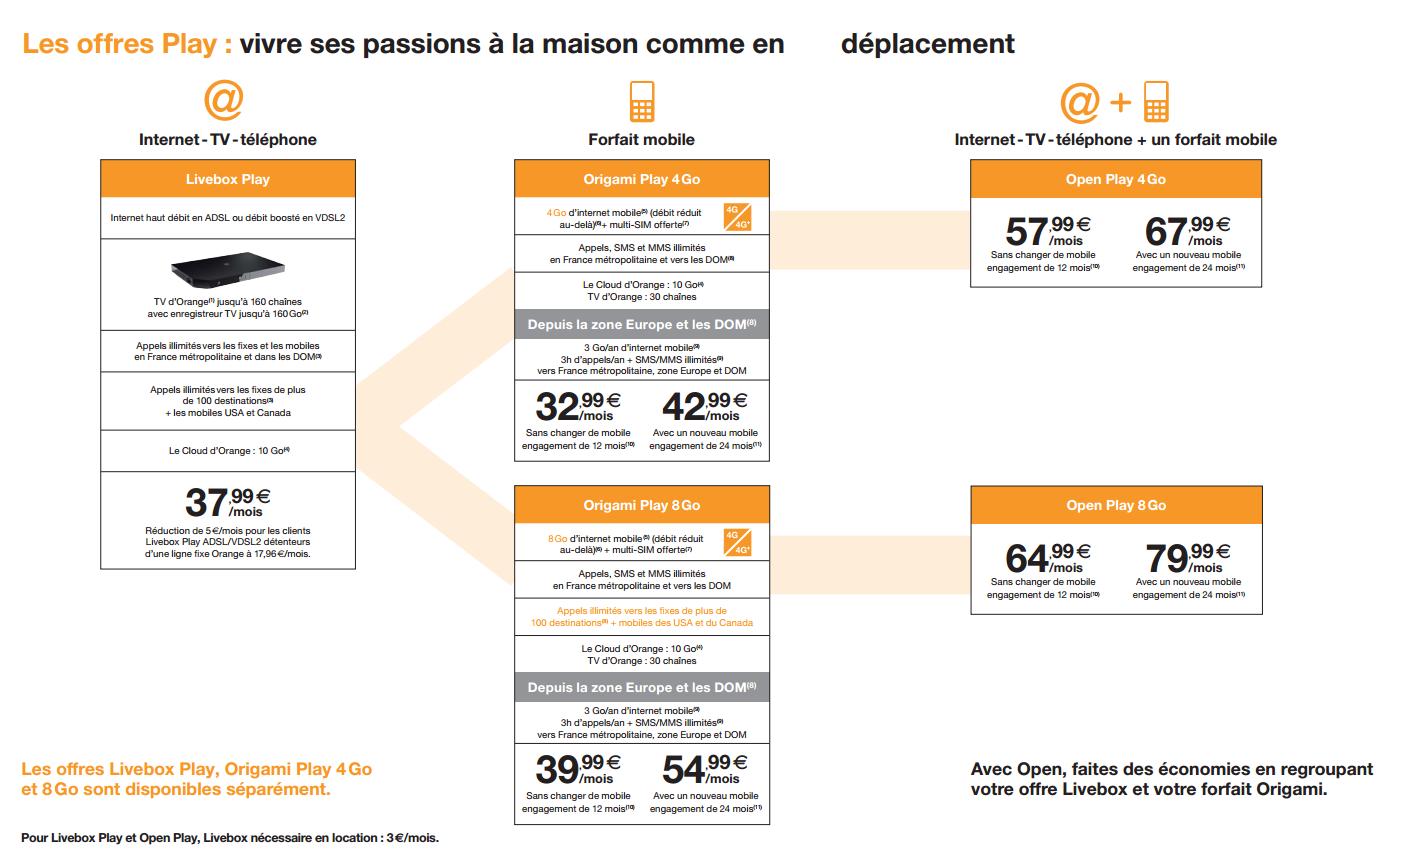 telecom  orange devoile nouvelles offres de forfaits mobiles aux modifications subtiles